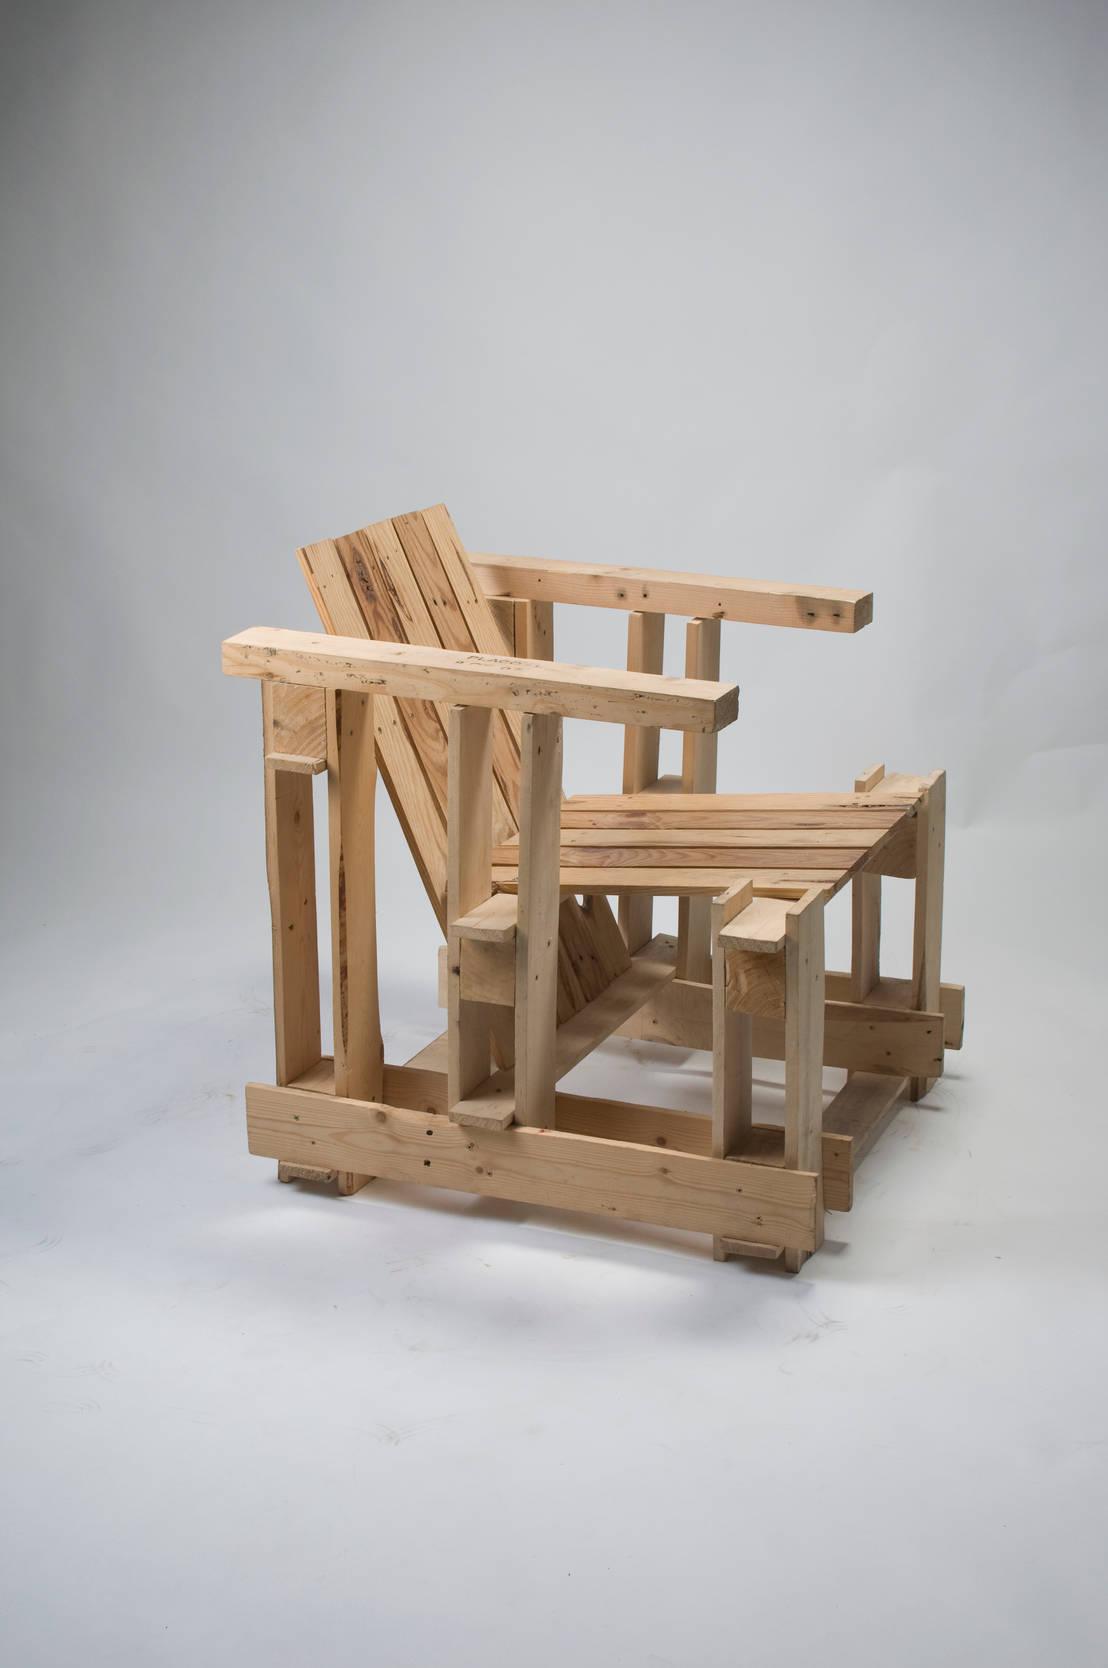 meubles et objets en mat riaux recycl s id es de cadeaux pour no l. Black Bedroom Furniture Sets. Home Design Ideas